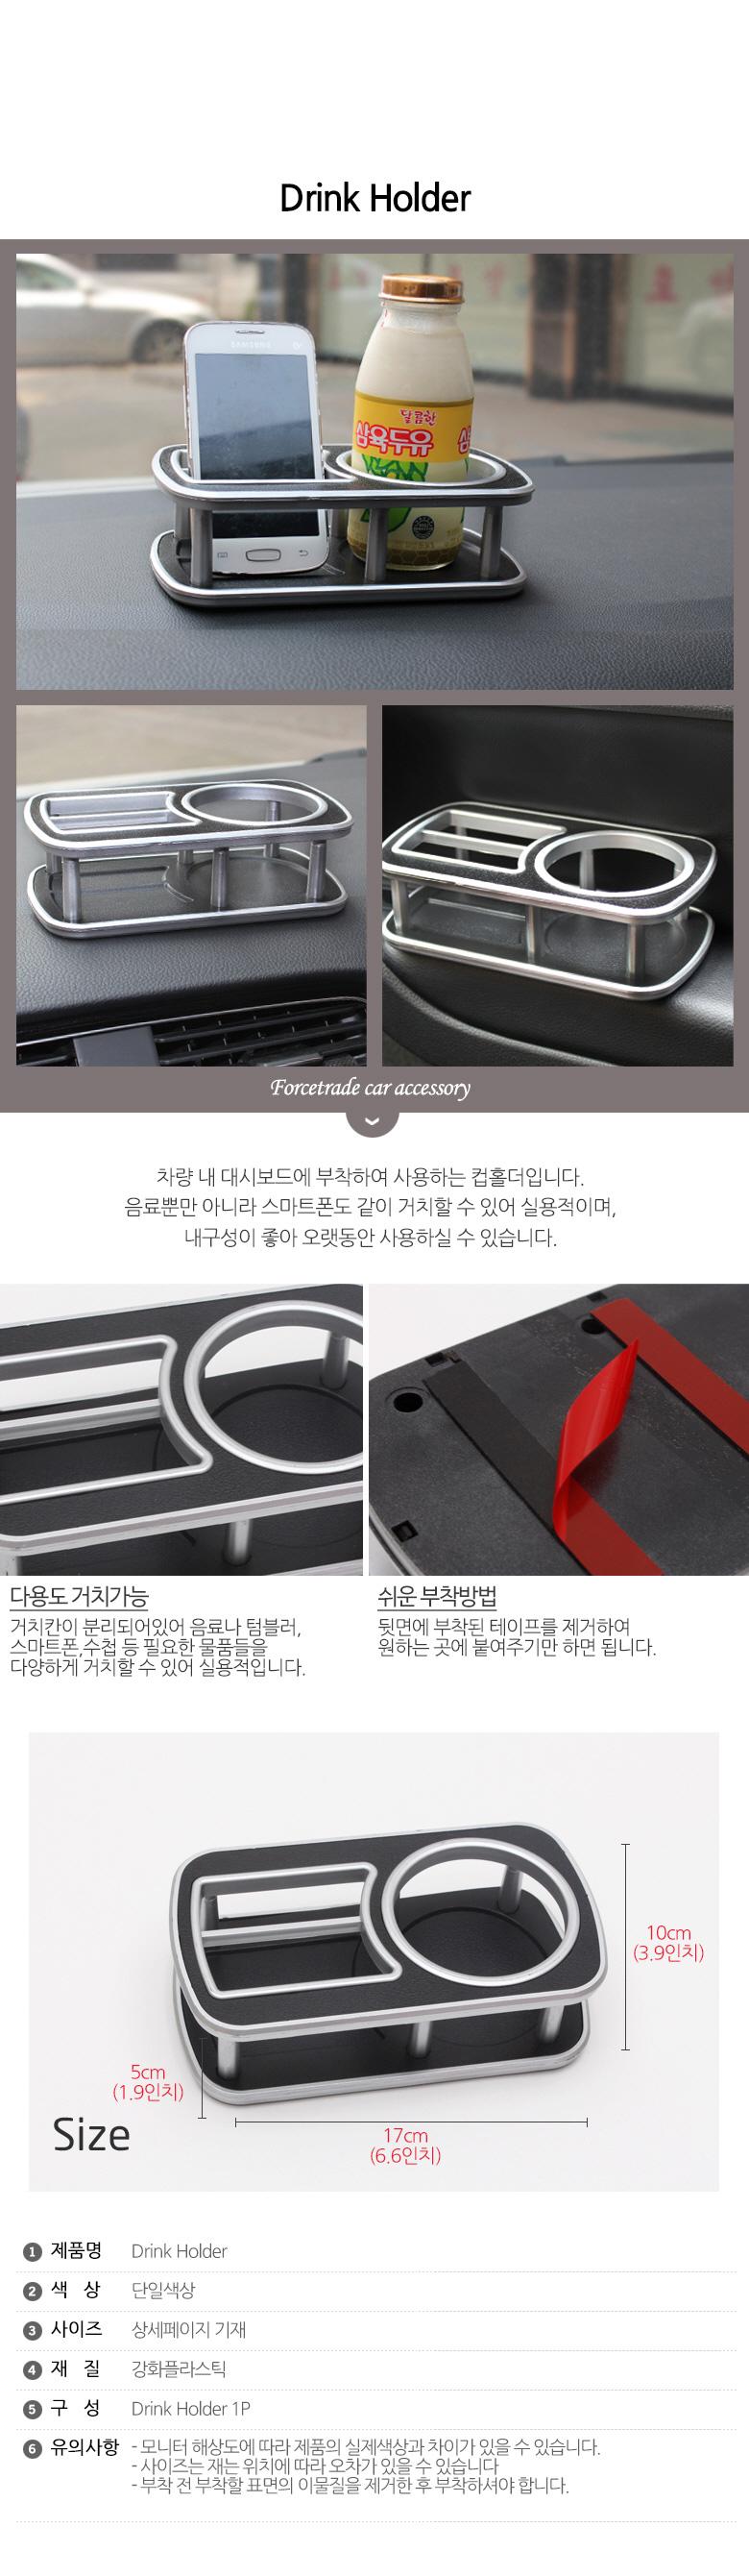 드링크 홀더 차량용품 자동차용품 차량소품 홀더 - 포스트레이딩, 6,800원, 차량용포켓/수납용품, 포켓/파우치